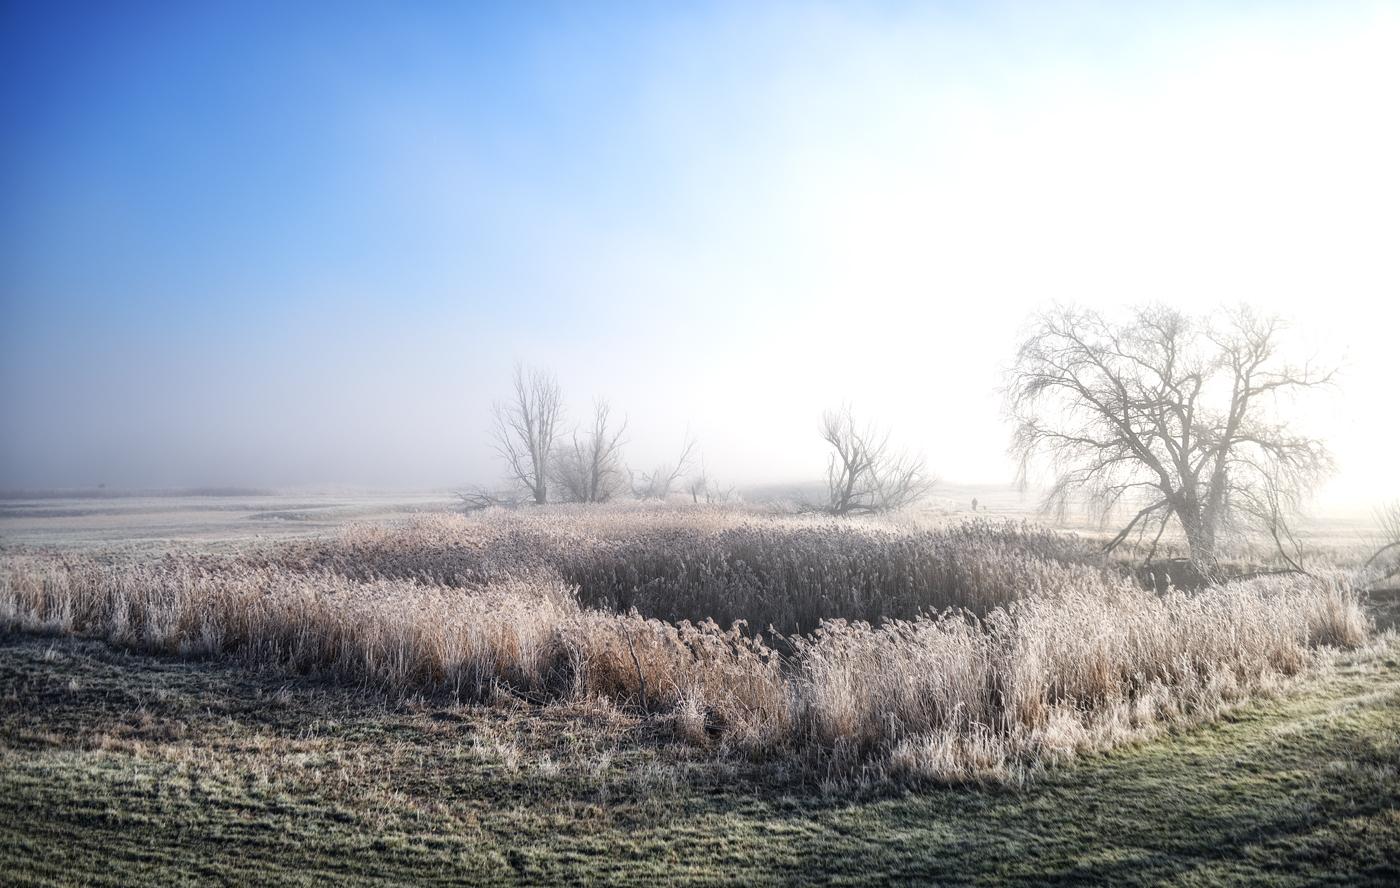 20181128 Frostiger Morgen in den Oderwiesen